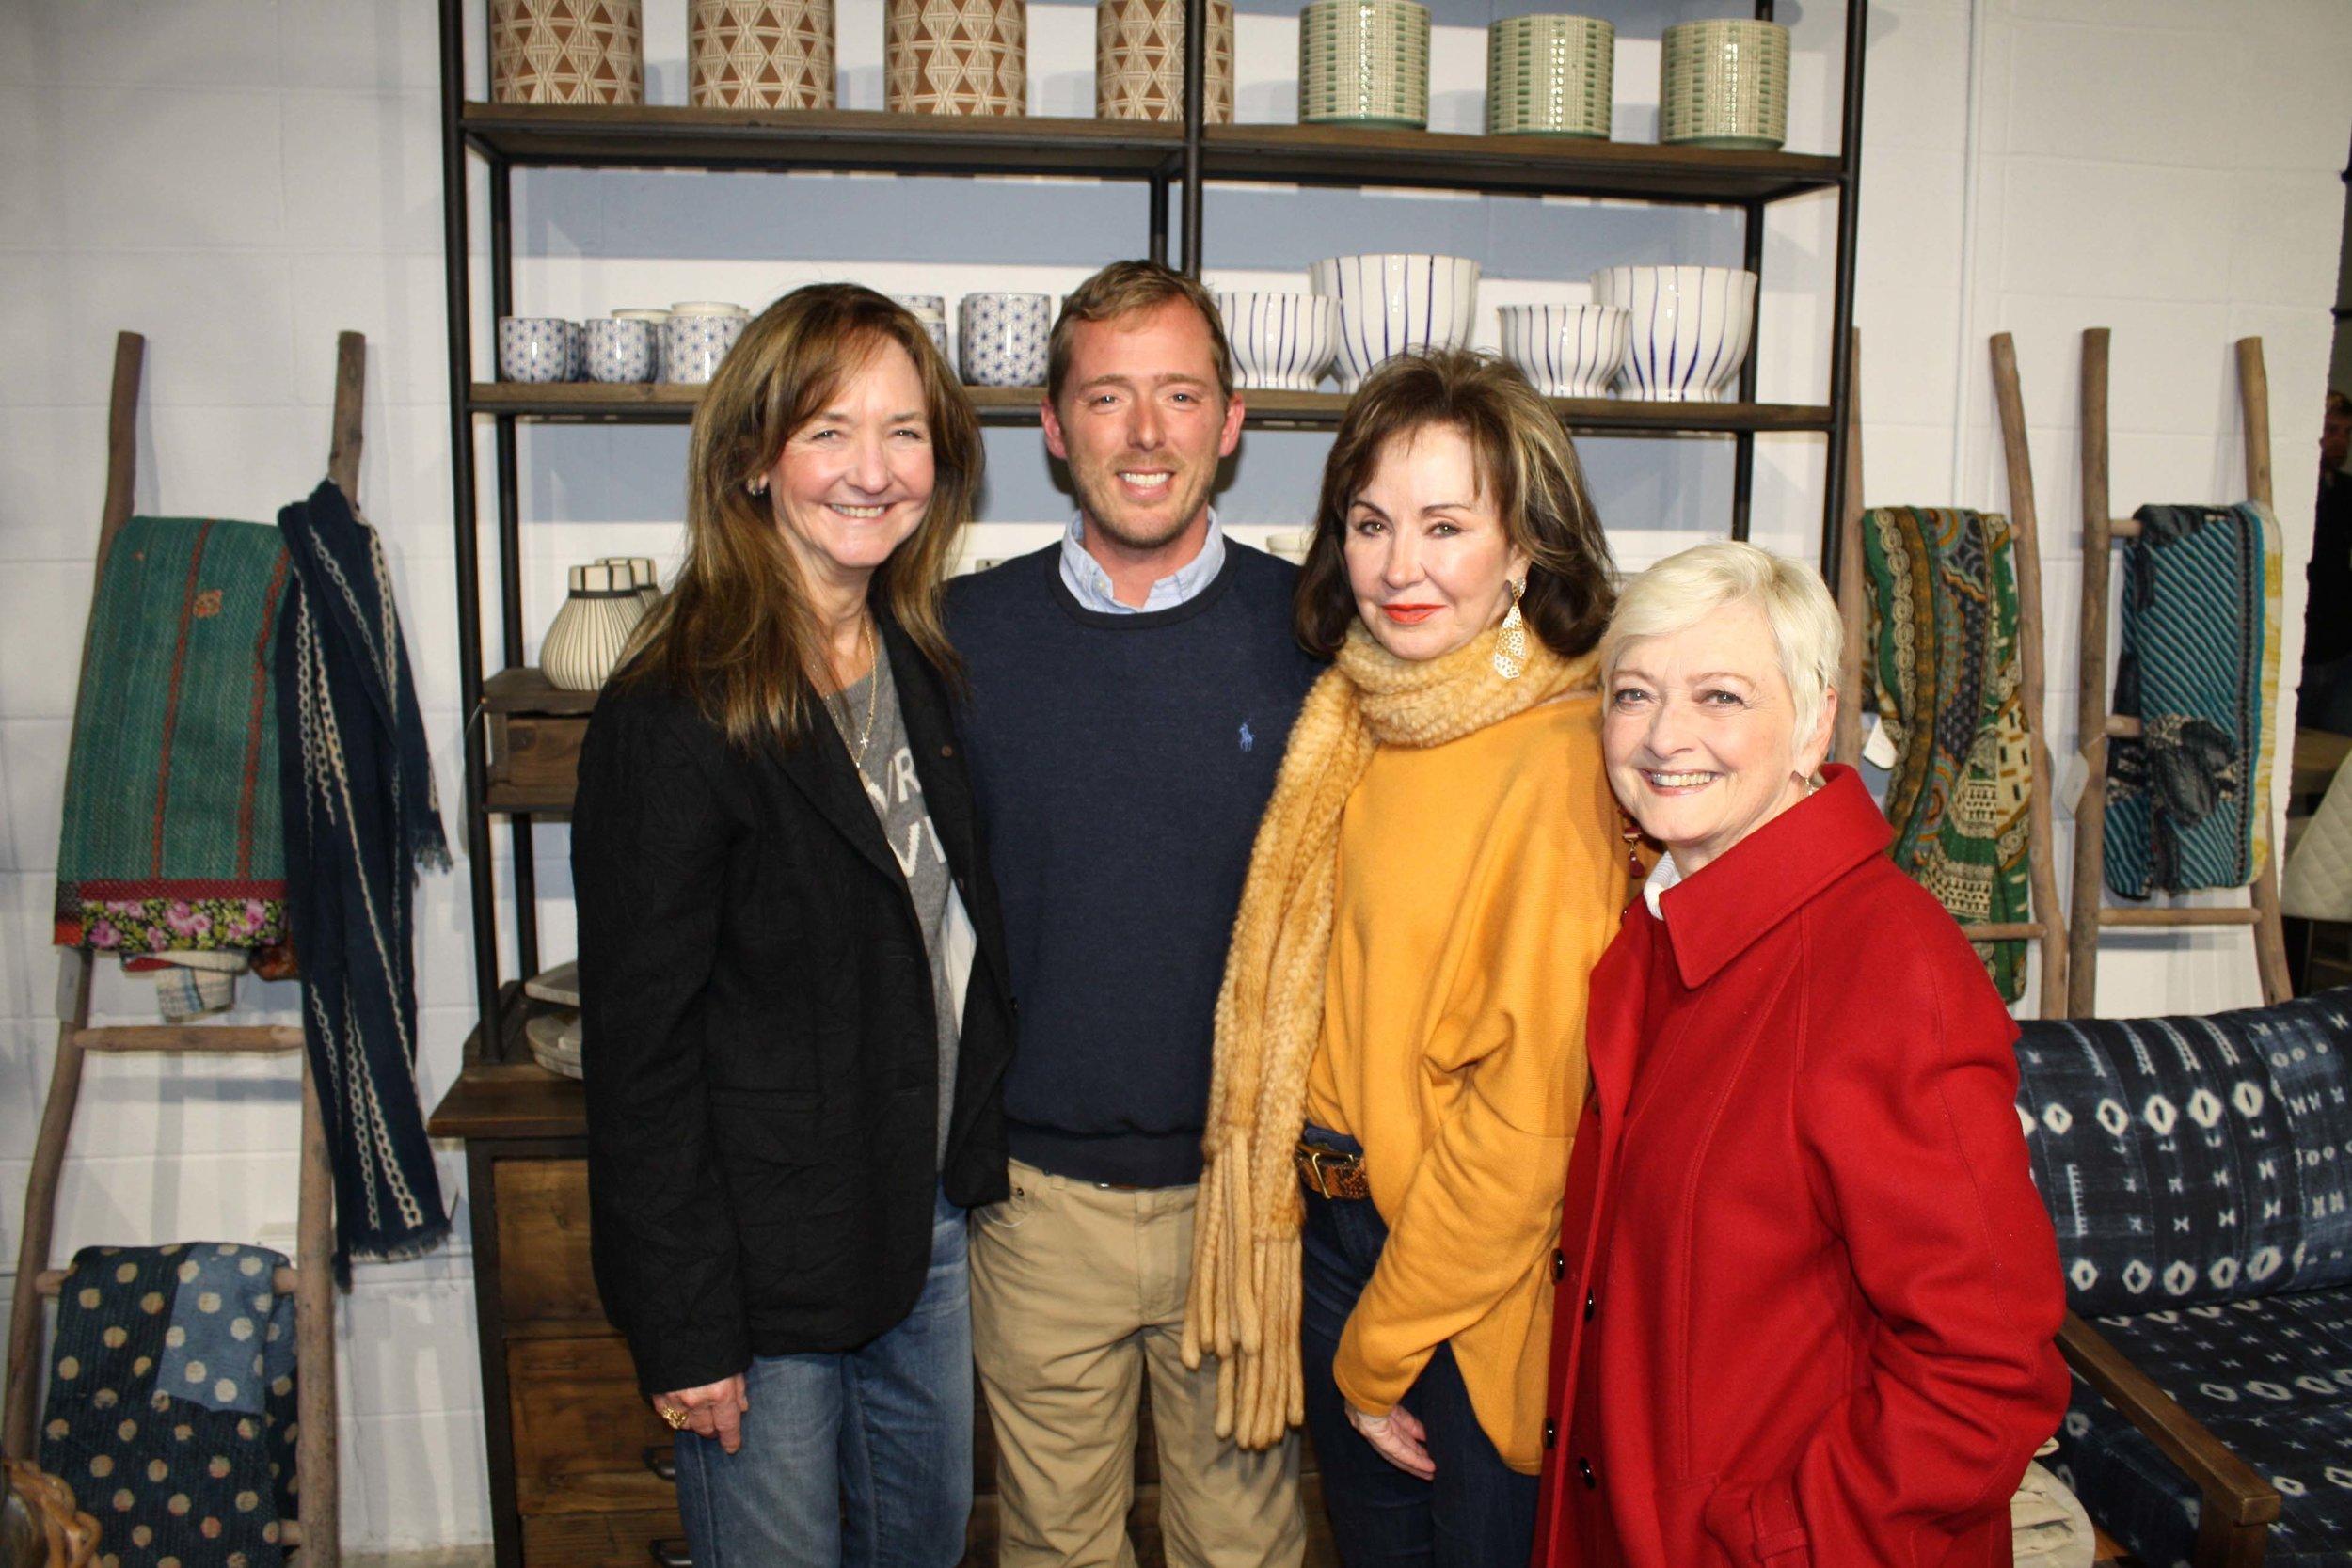 Jane Bruner, Bryan Callaway, Judy Morgan and Bennie Phillips